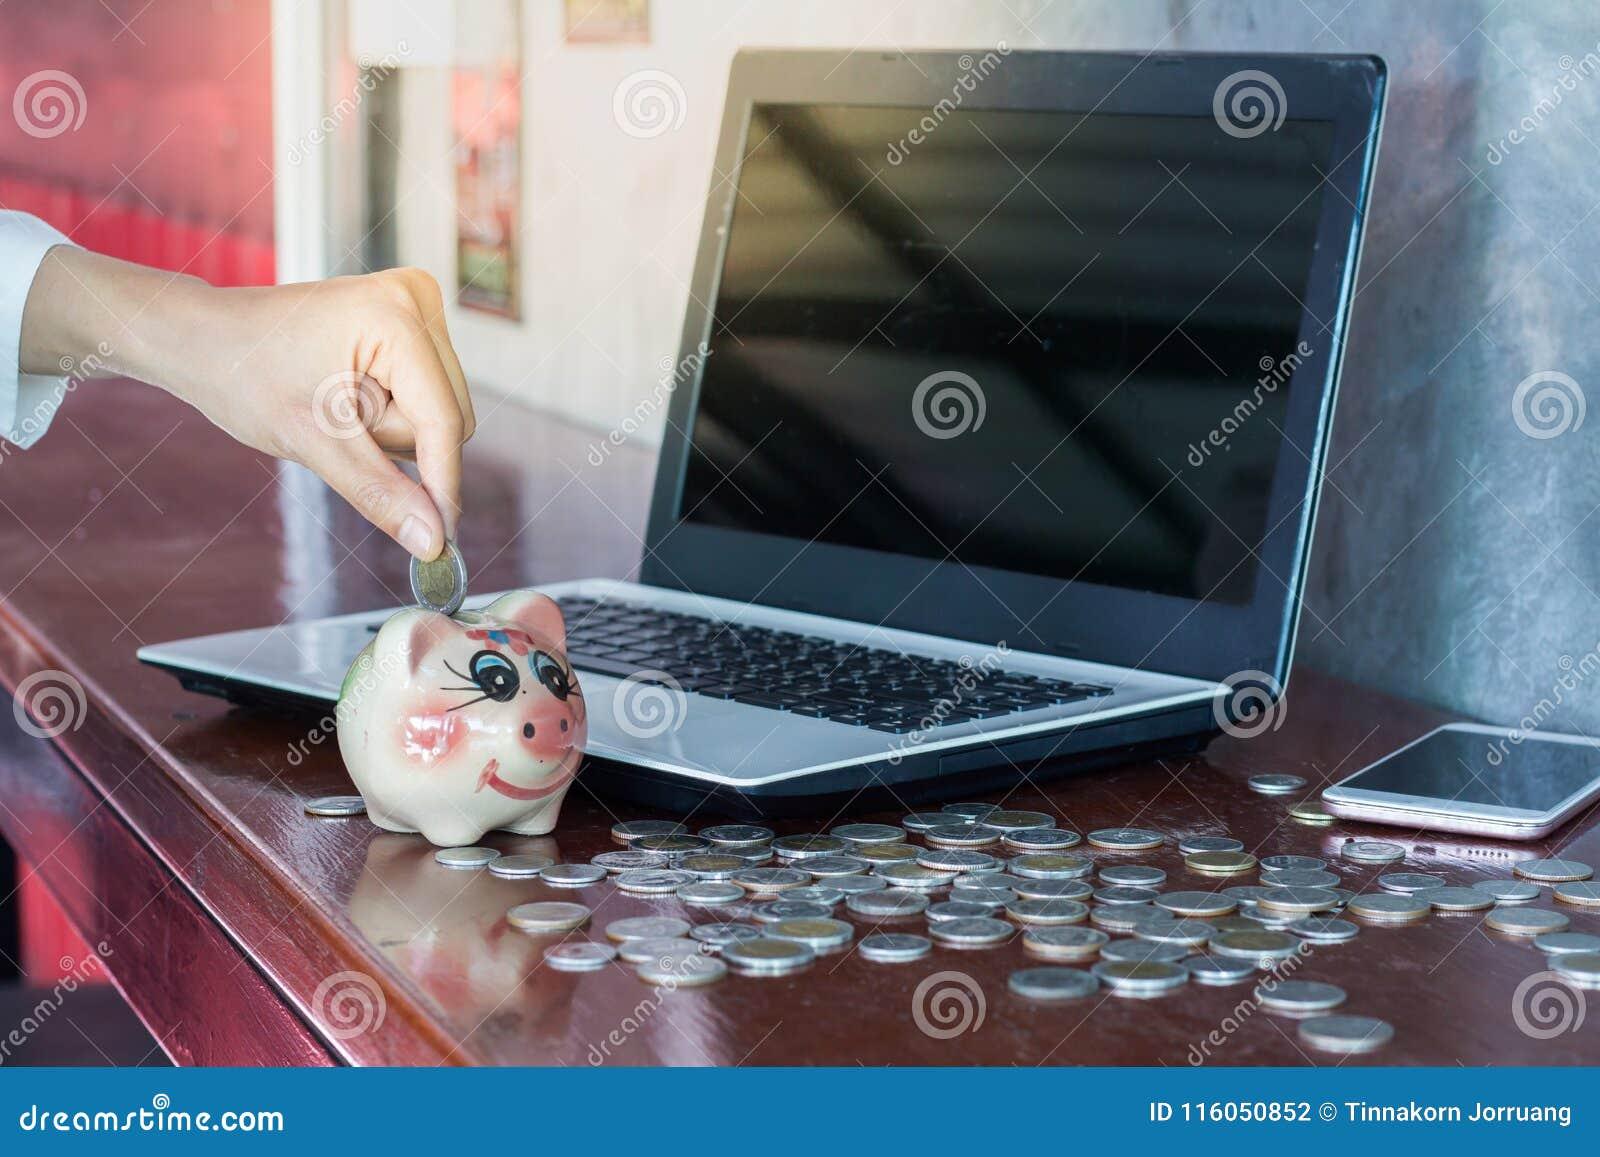 投入硬币的妇女在存钱罐中 挽救金钱,